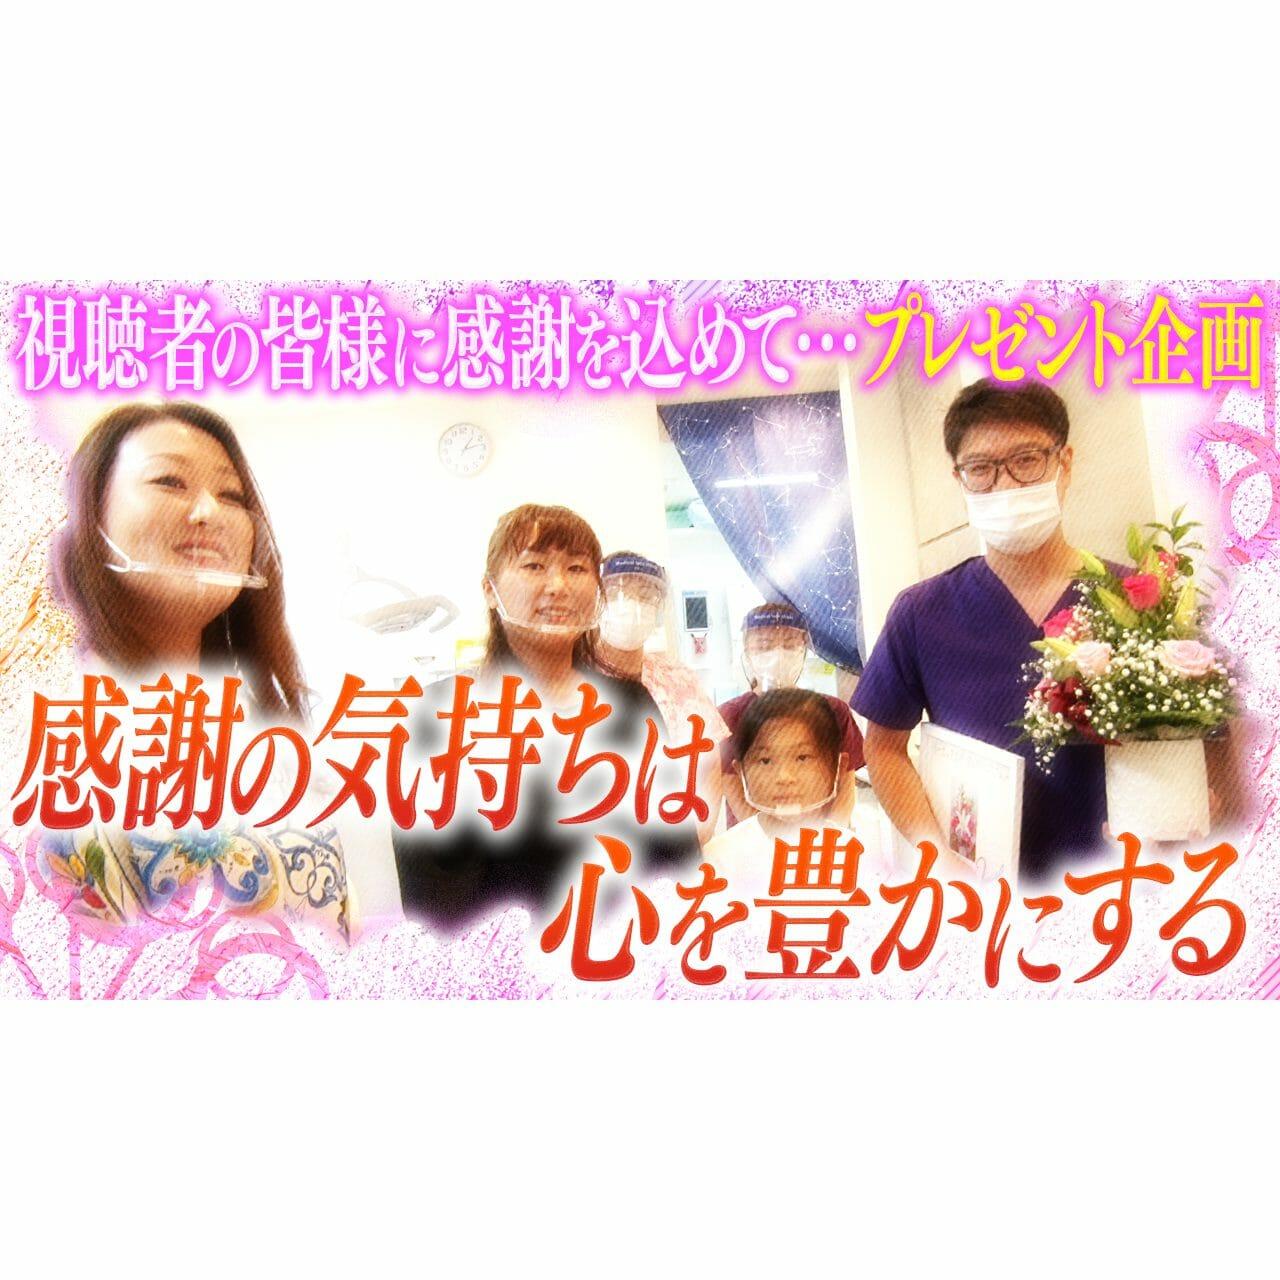 【六星占術40周年記念】感謝のお花プレゼント企画「細木かおりが直接お届けしてきました!①」